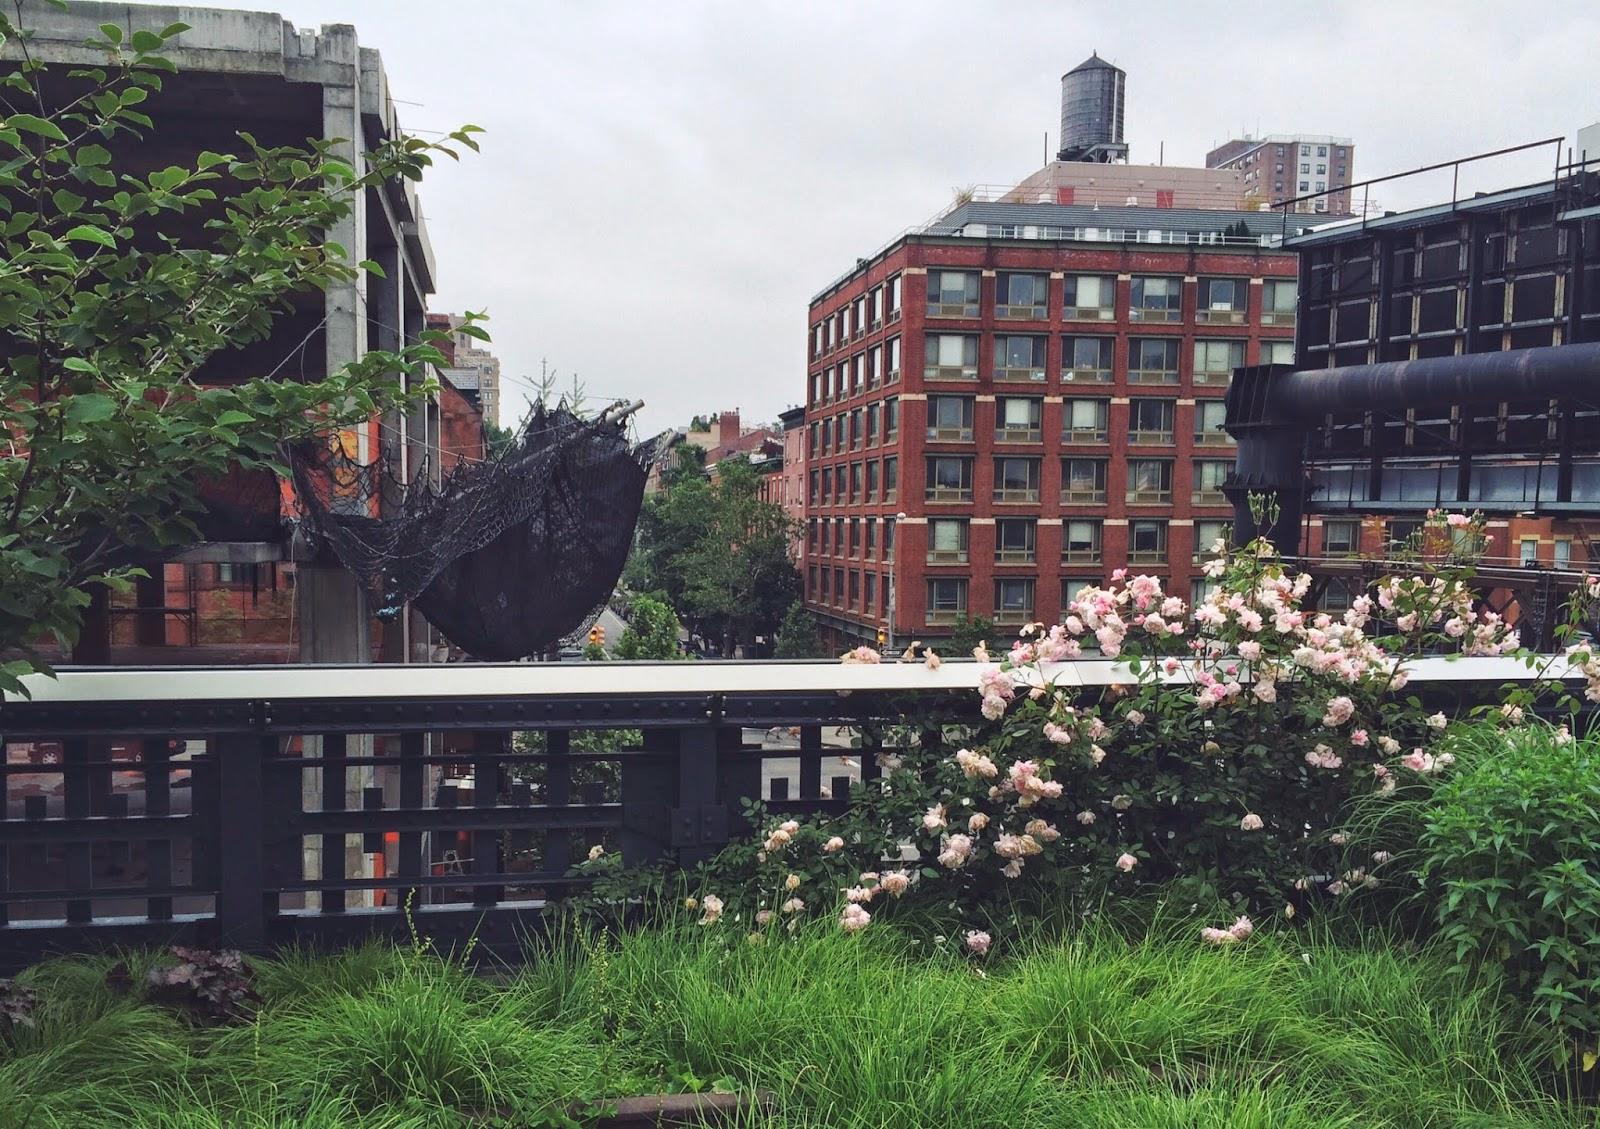 Park, New York